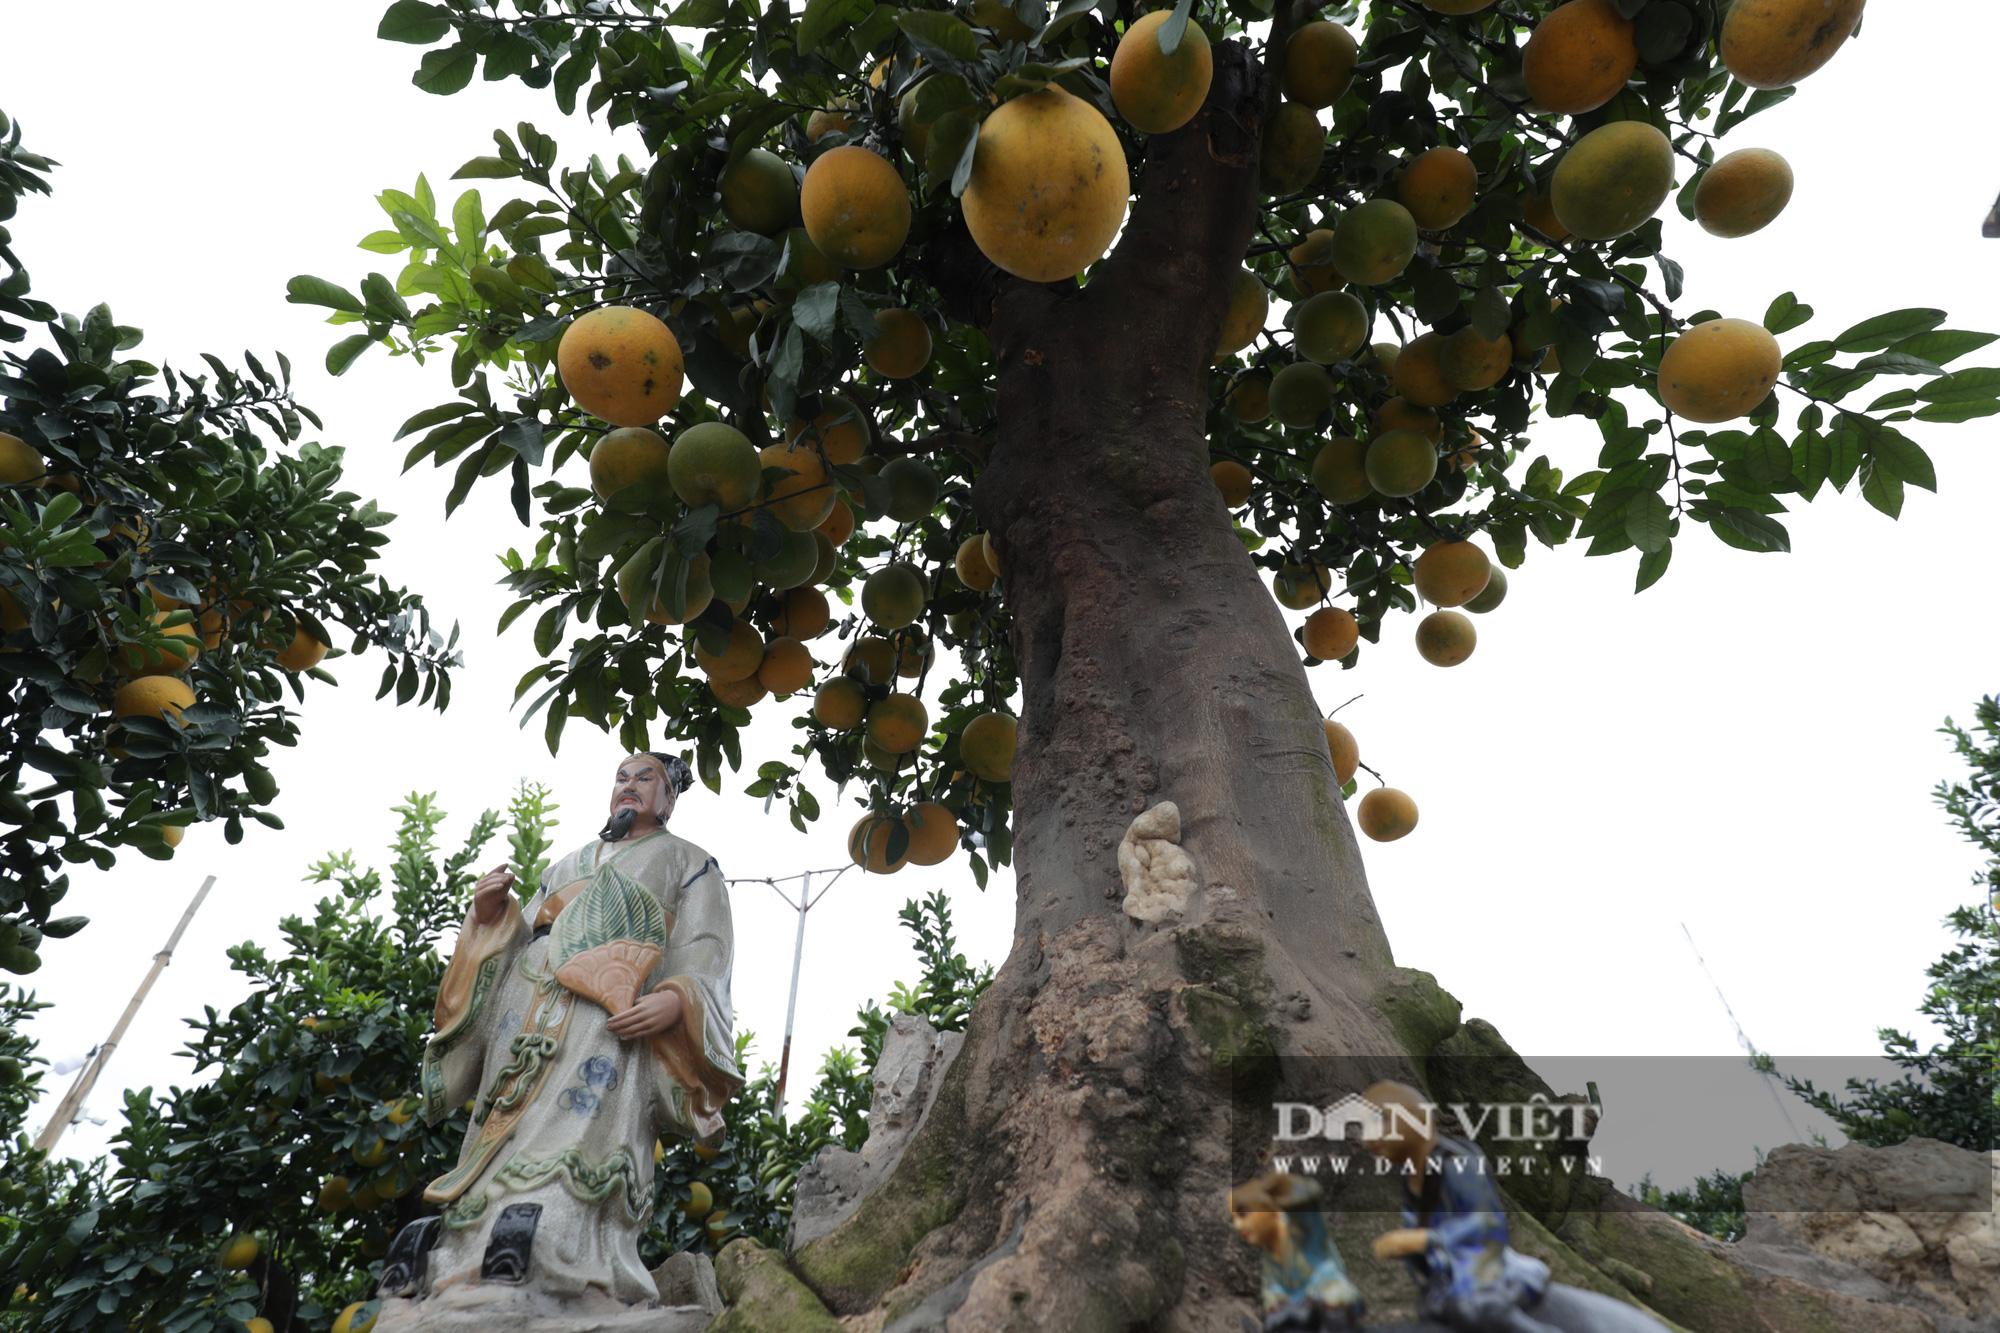 Đeo lúc lỉu hơn 200 quả trên cây: Bưởi cảnh khổng lồ 'hét' giá cho thuê gần 100 triệu đồng - Ảnh 7.